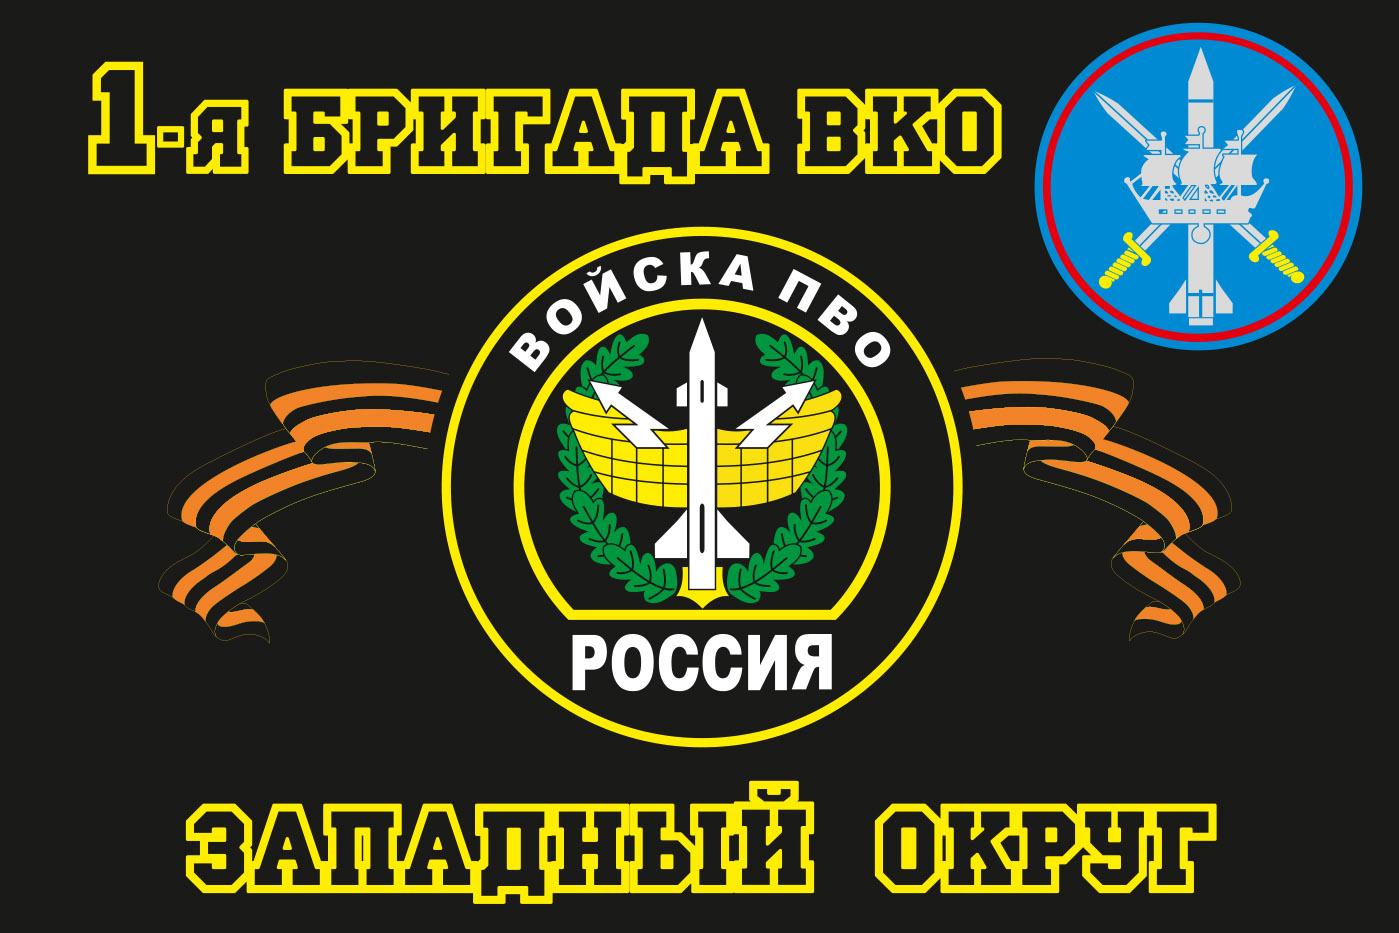 Флаг 1 бригады ВКО Западного округа